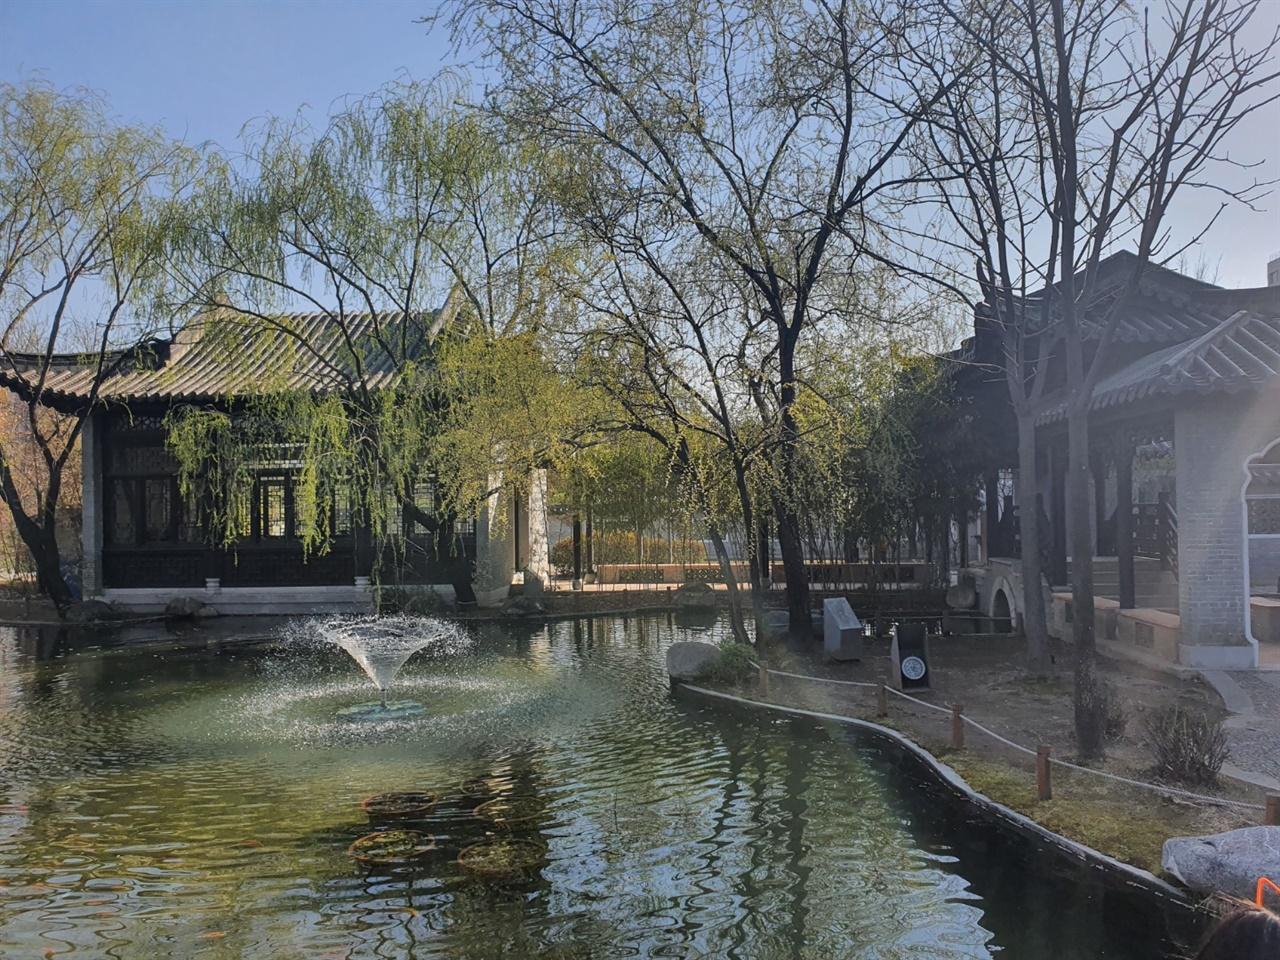 수원에 있는 중국식 정원 월화원의 풍경 수원에는 화성말고도 아름다운 명소가 많다. 우리나라에서 가장 정교한 중국정원인 월화원을 만날 수 있는데 계절마다 각기 다른 아름다움을 보여주며 마치 중국에 온 것 같은 착각을 불러일으키게 한다.